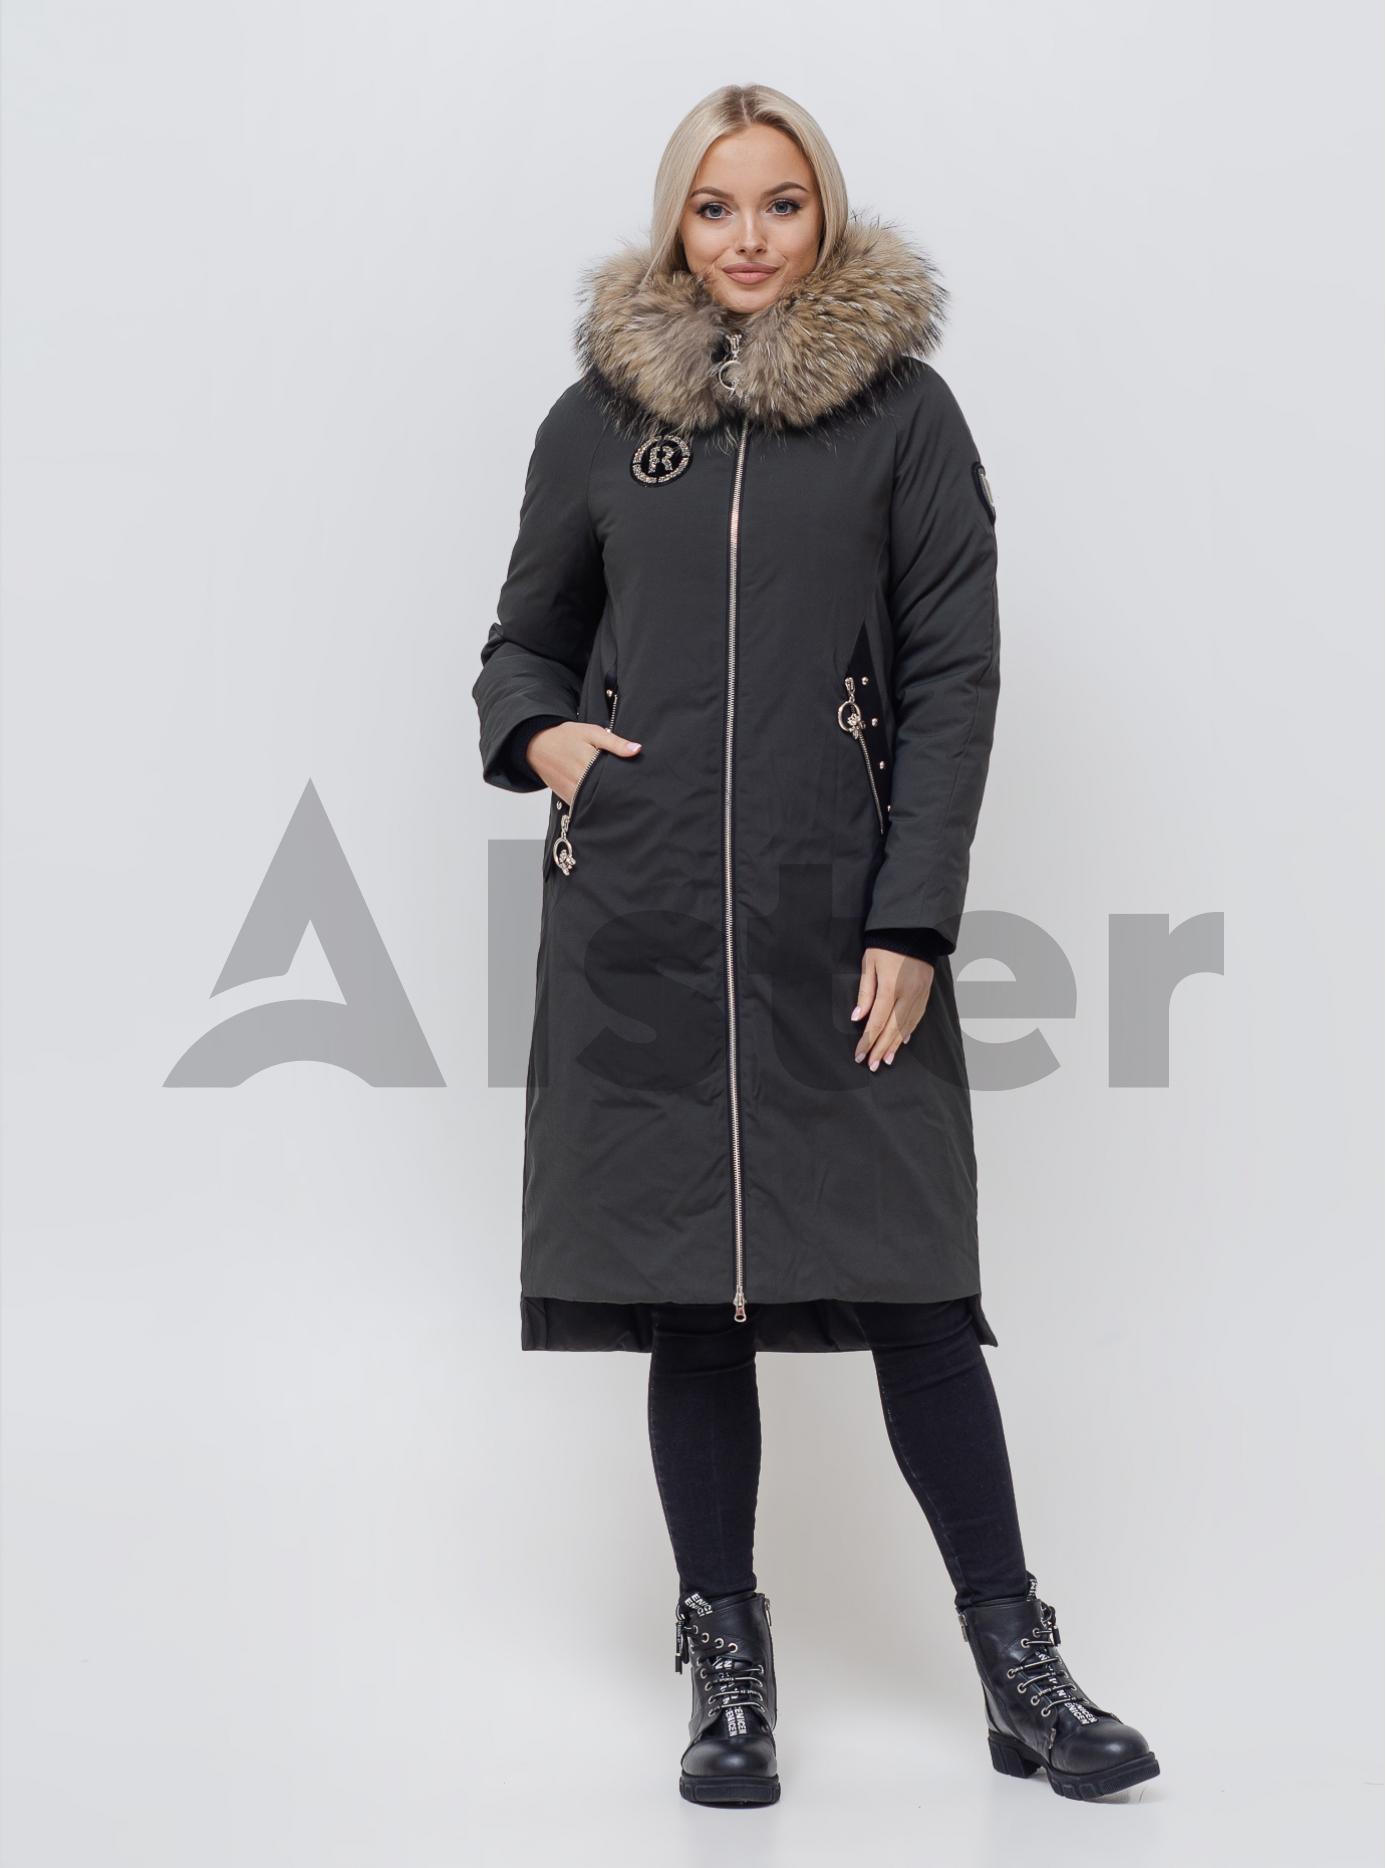 Куртка зимняя женская с мехом Тёмно-серый S (06-KL201086): фото - Alster.ua